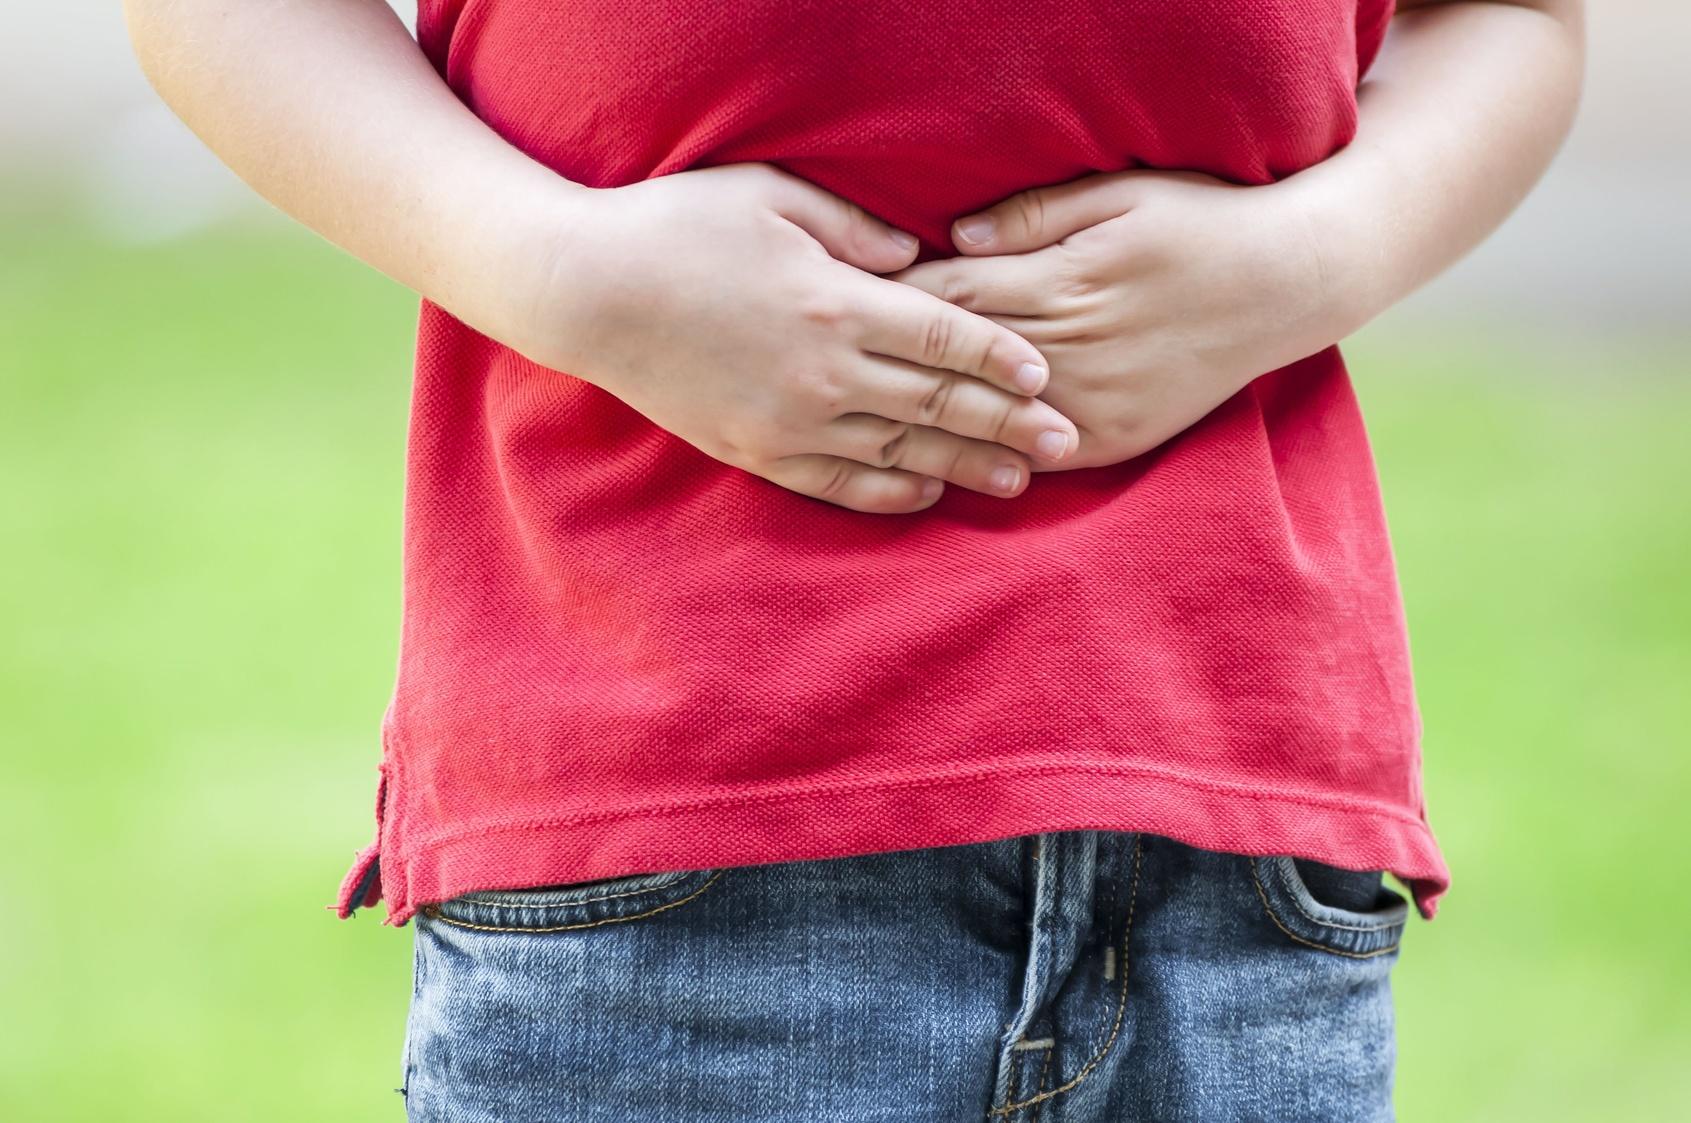 articoli autistici dieta senza glutine